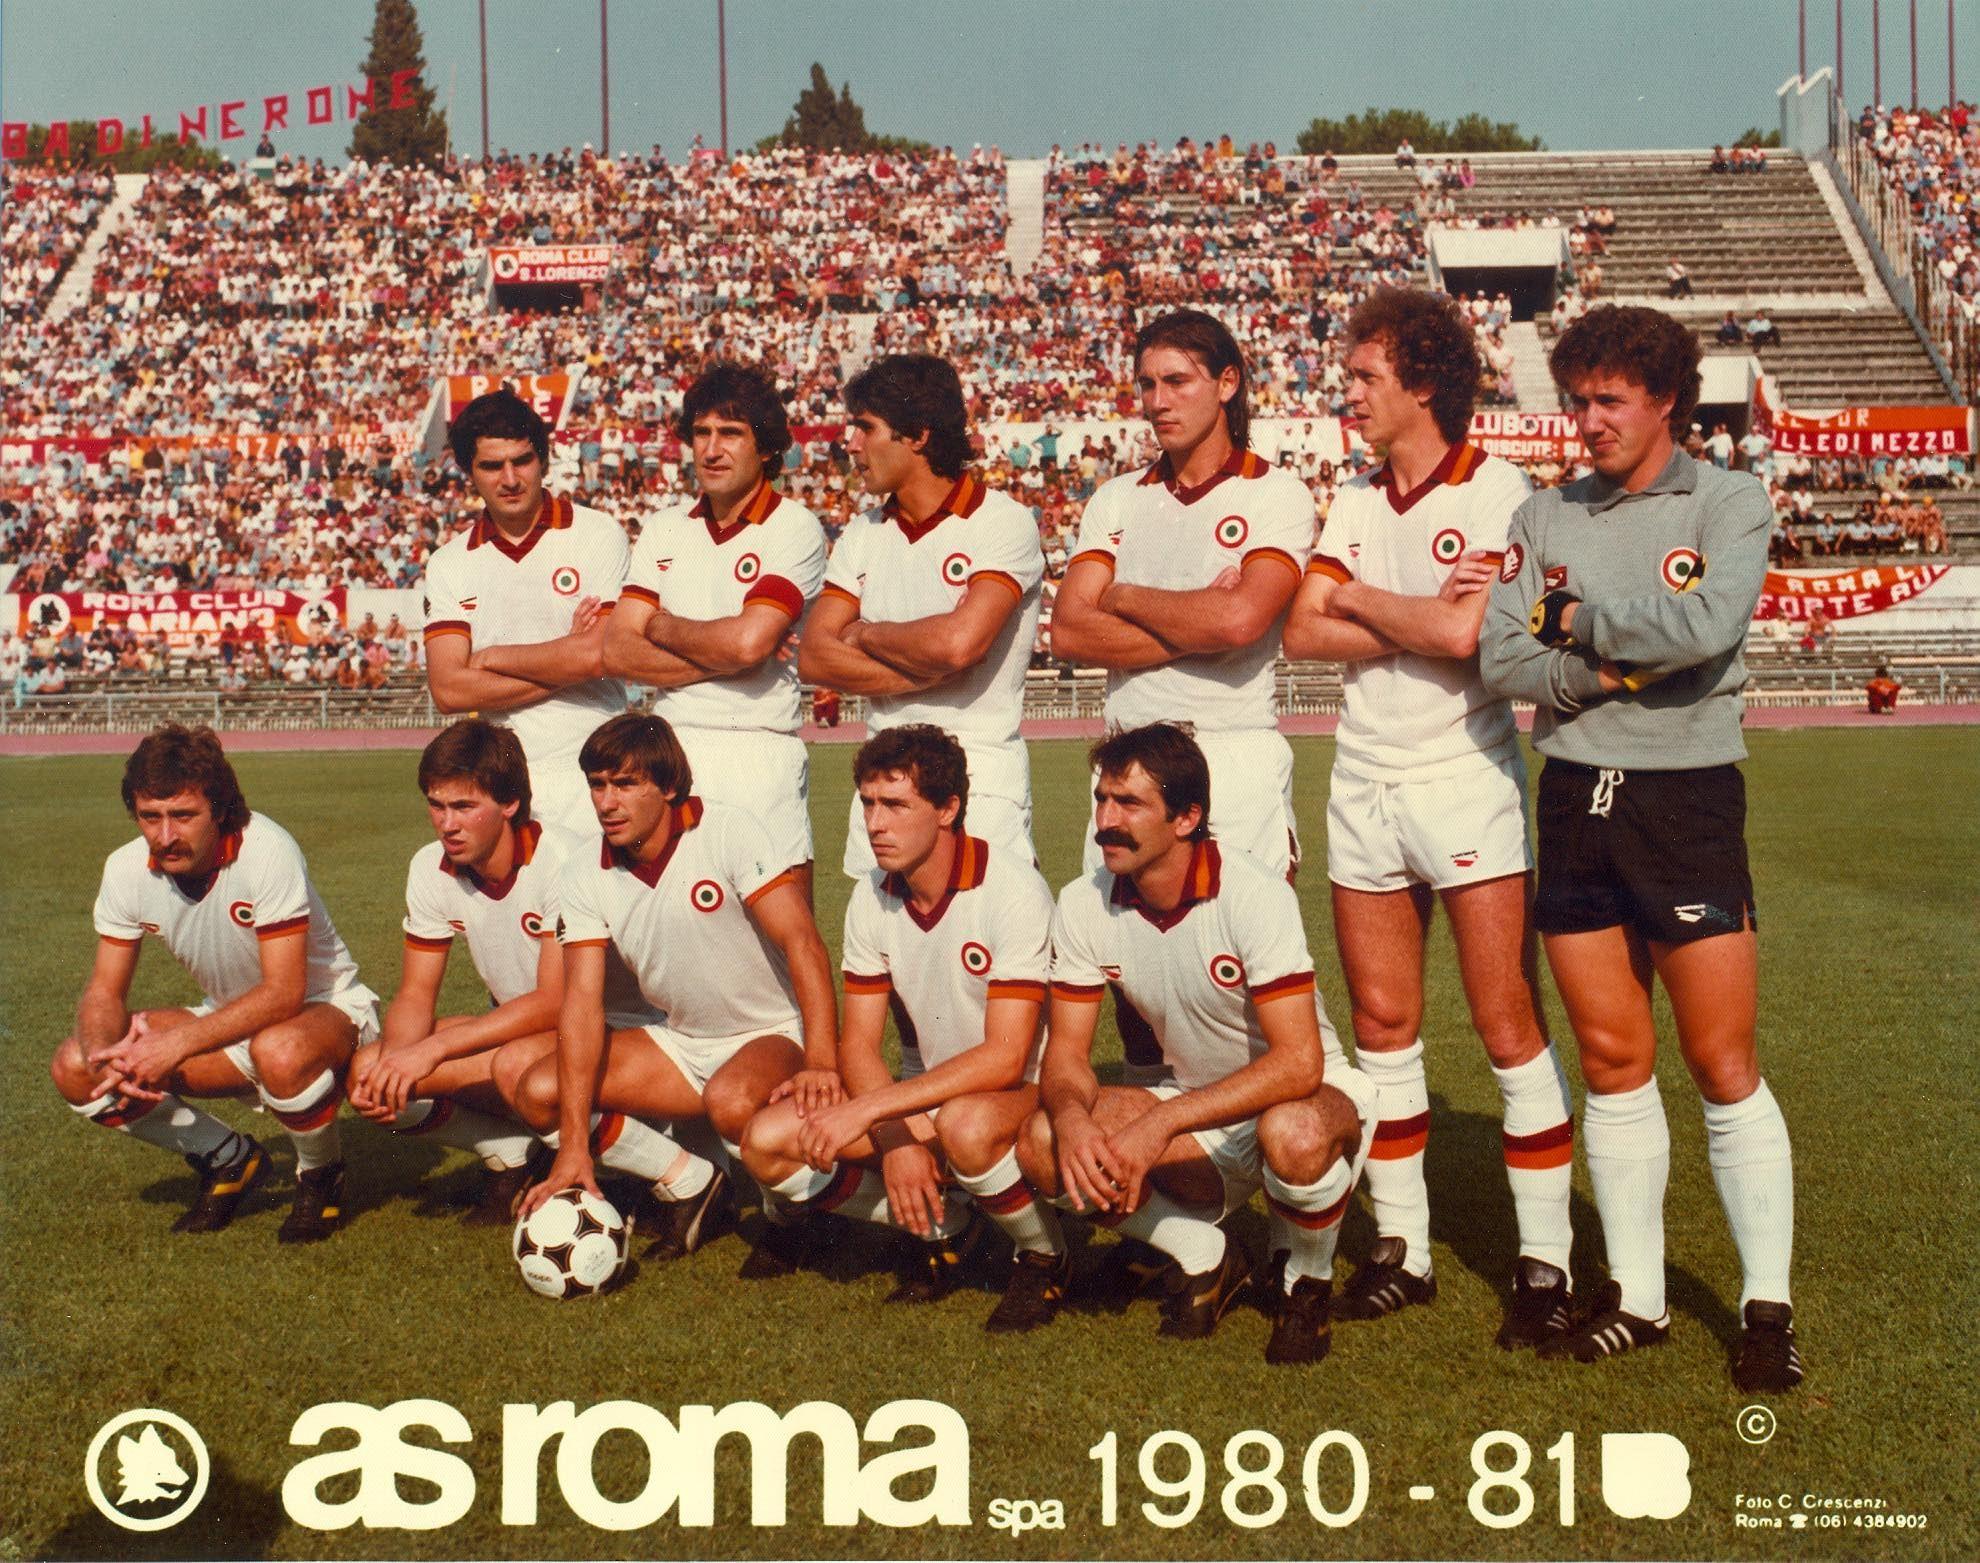 AS Roma team group in 198081. Giocatori di calcio, Calcio